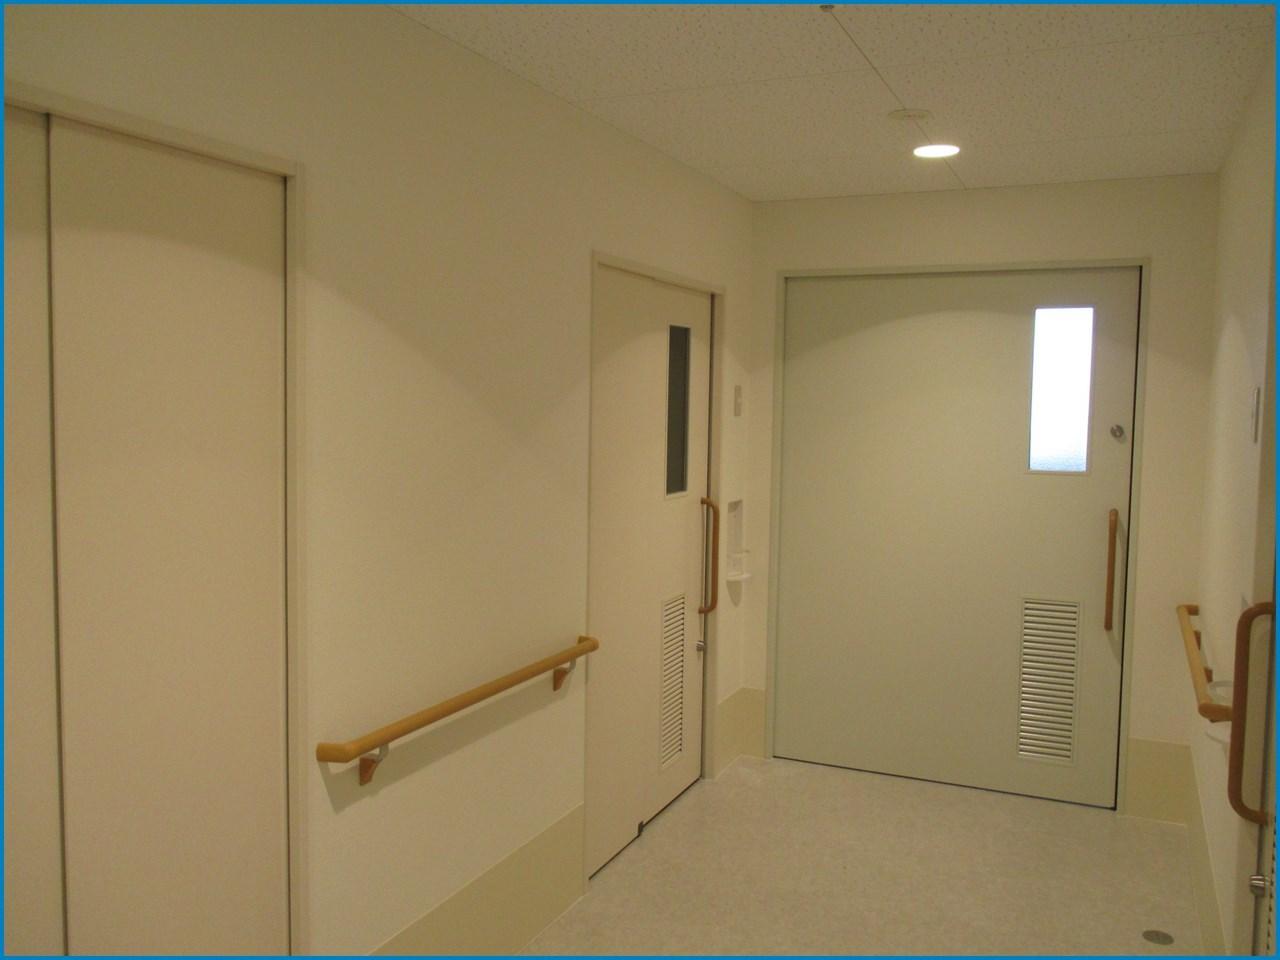 N病院グループ N.W.介護老人保健施設 改修・増築工事 3_c0376508_14252006.jpg